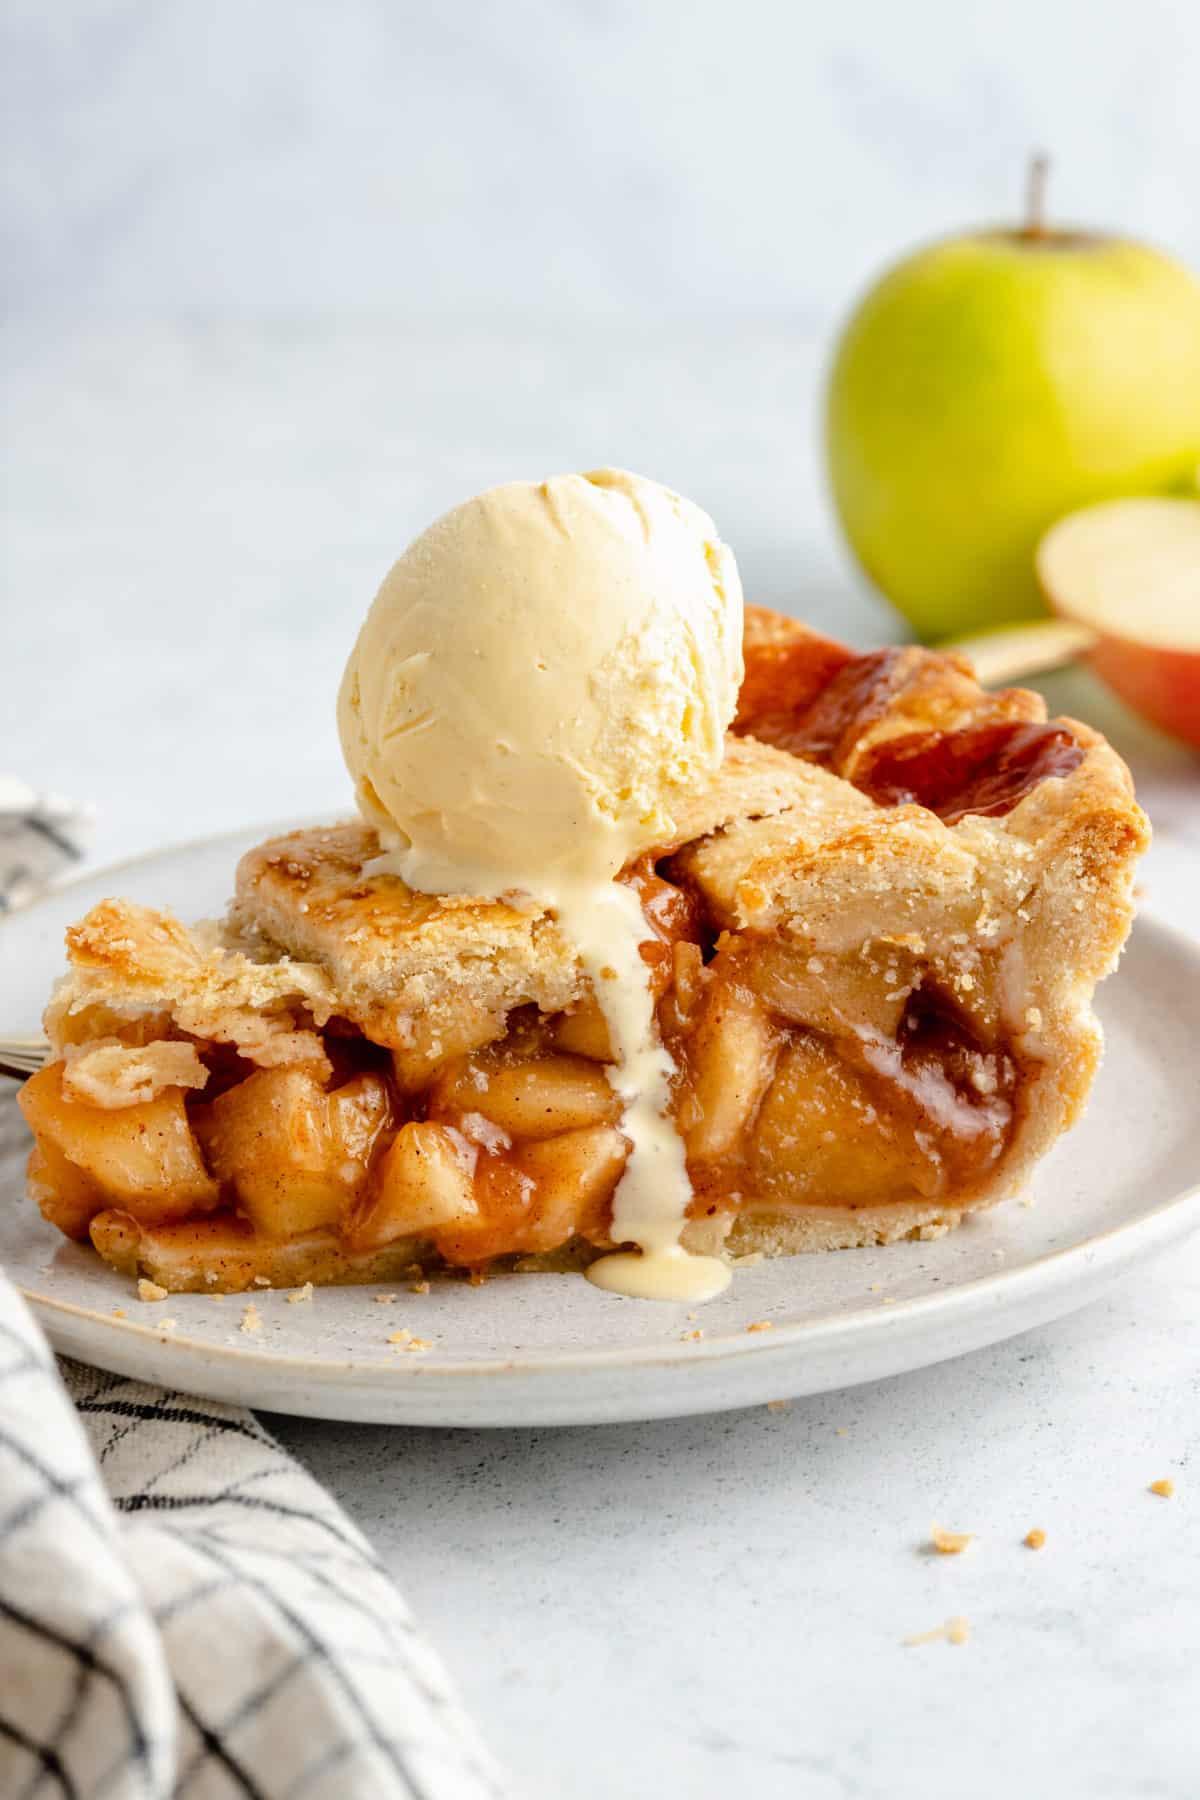 Vegan apple pie with ice cream.